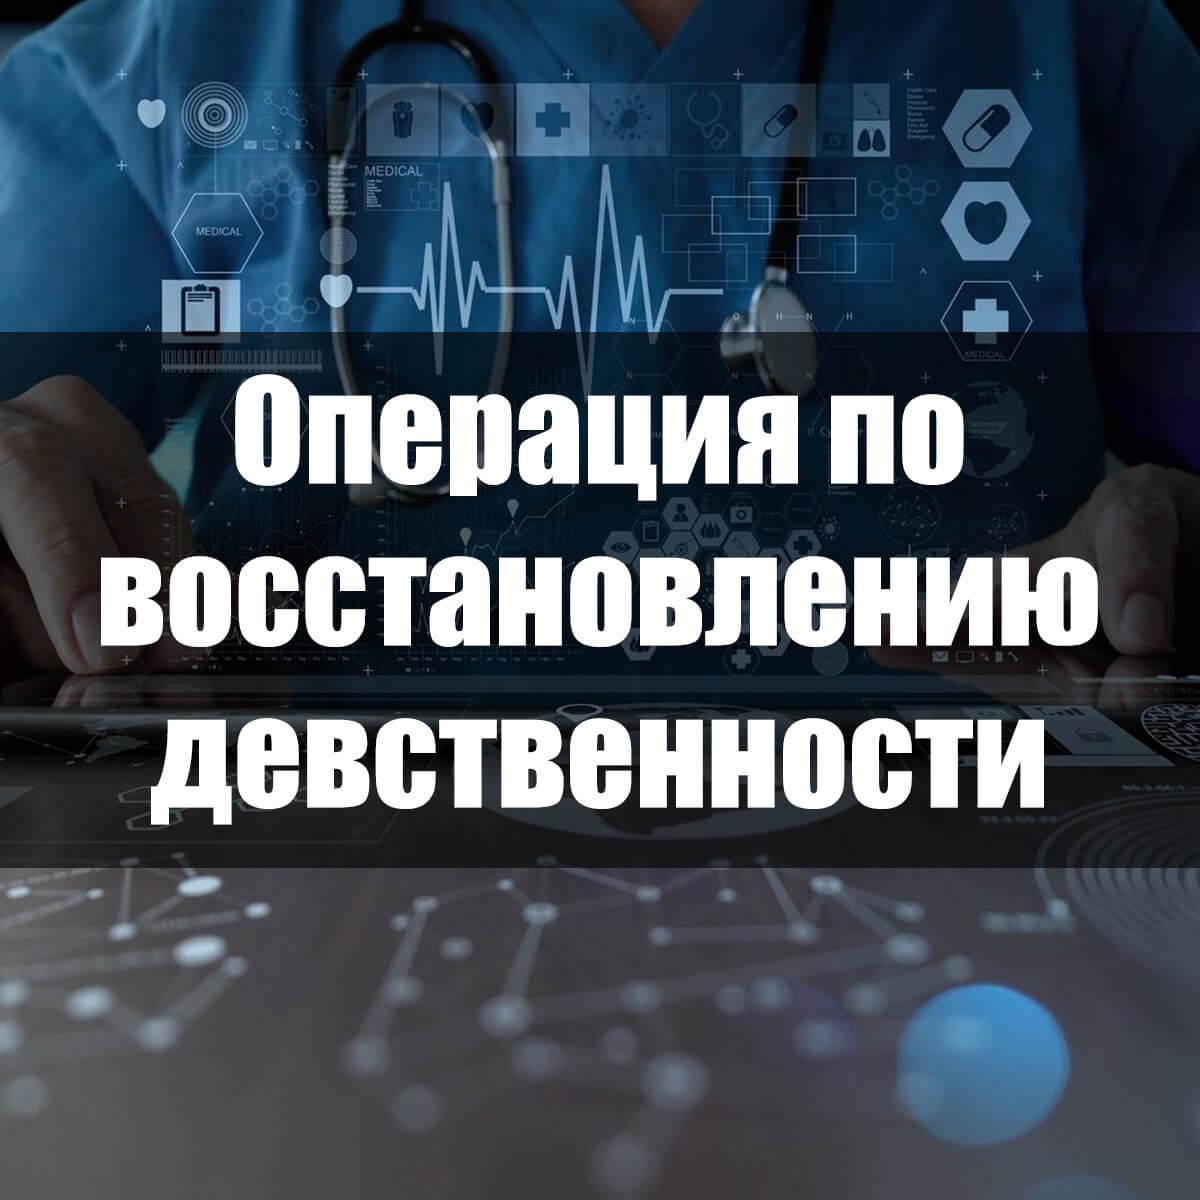 Восстановление девственности (гименопластика) в Москве